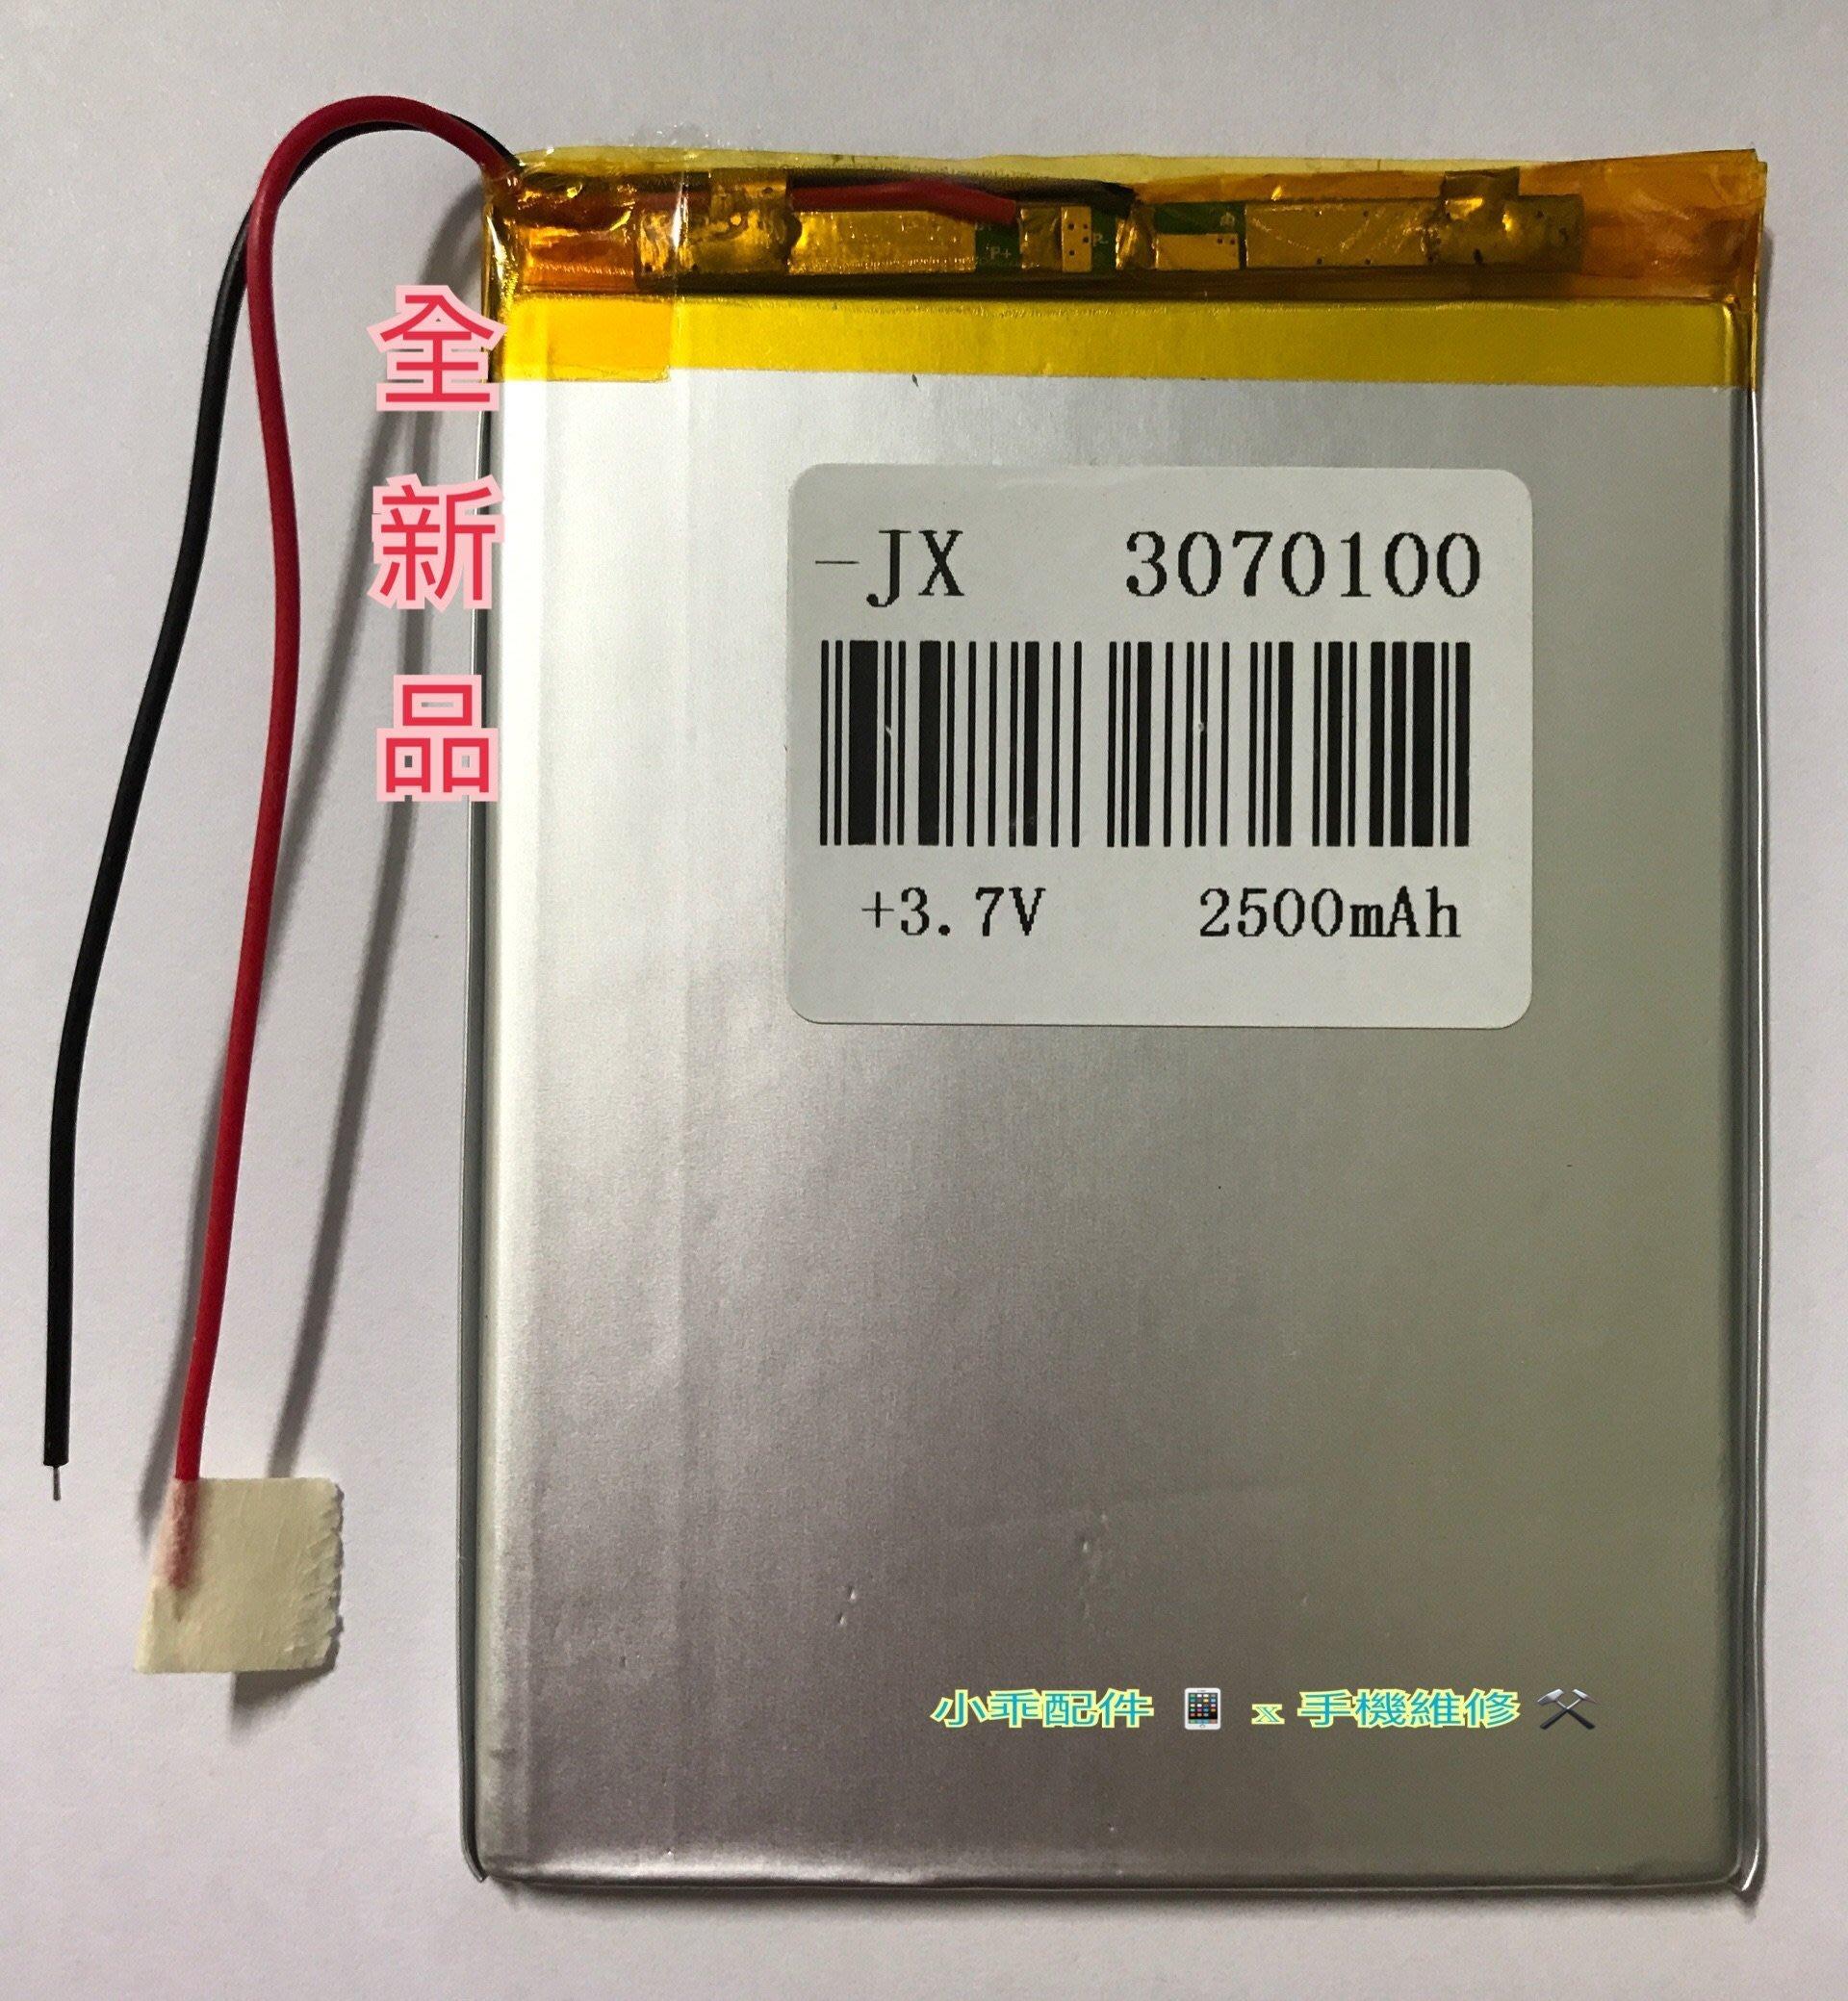 【小乖配件】 PAPAGO! GoPad 7 Wi-Fi 導航平板 3070100 電池耗電 膨脹斷電 DIY價 可代換